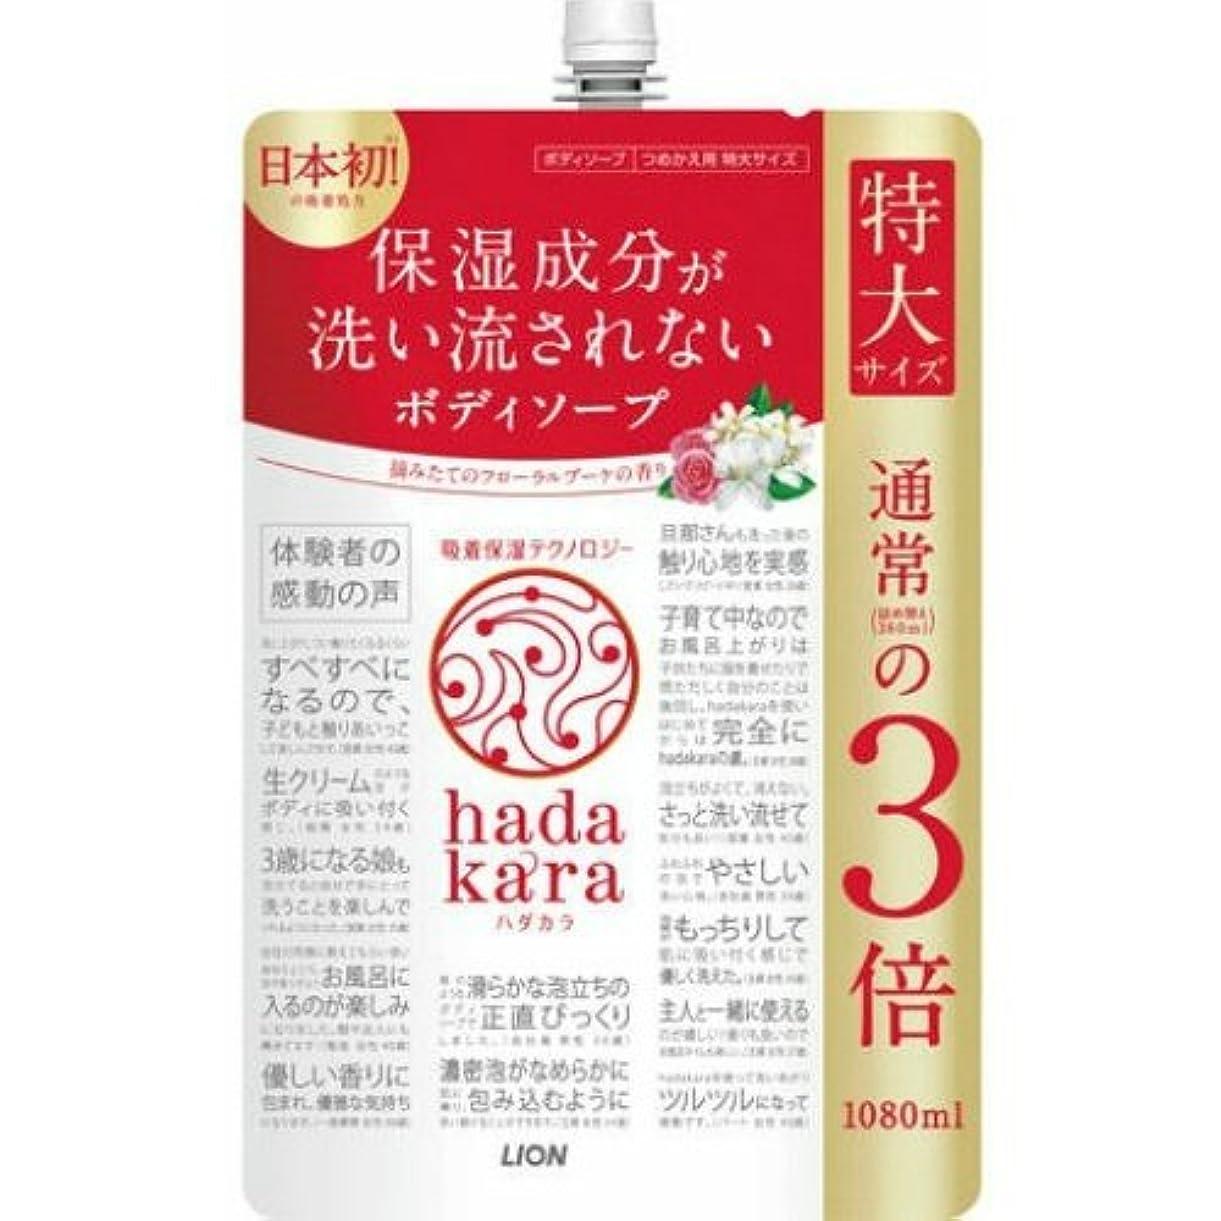 沿って家事をするきゅうりLION ライオン hadakara ハダカラ ボディソープ フローラルブーケの香り つめかえ用 特大サイズ 1080ml ×3点セット(4903301260875)